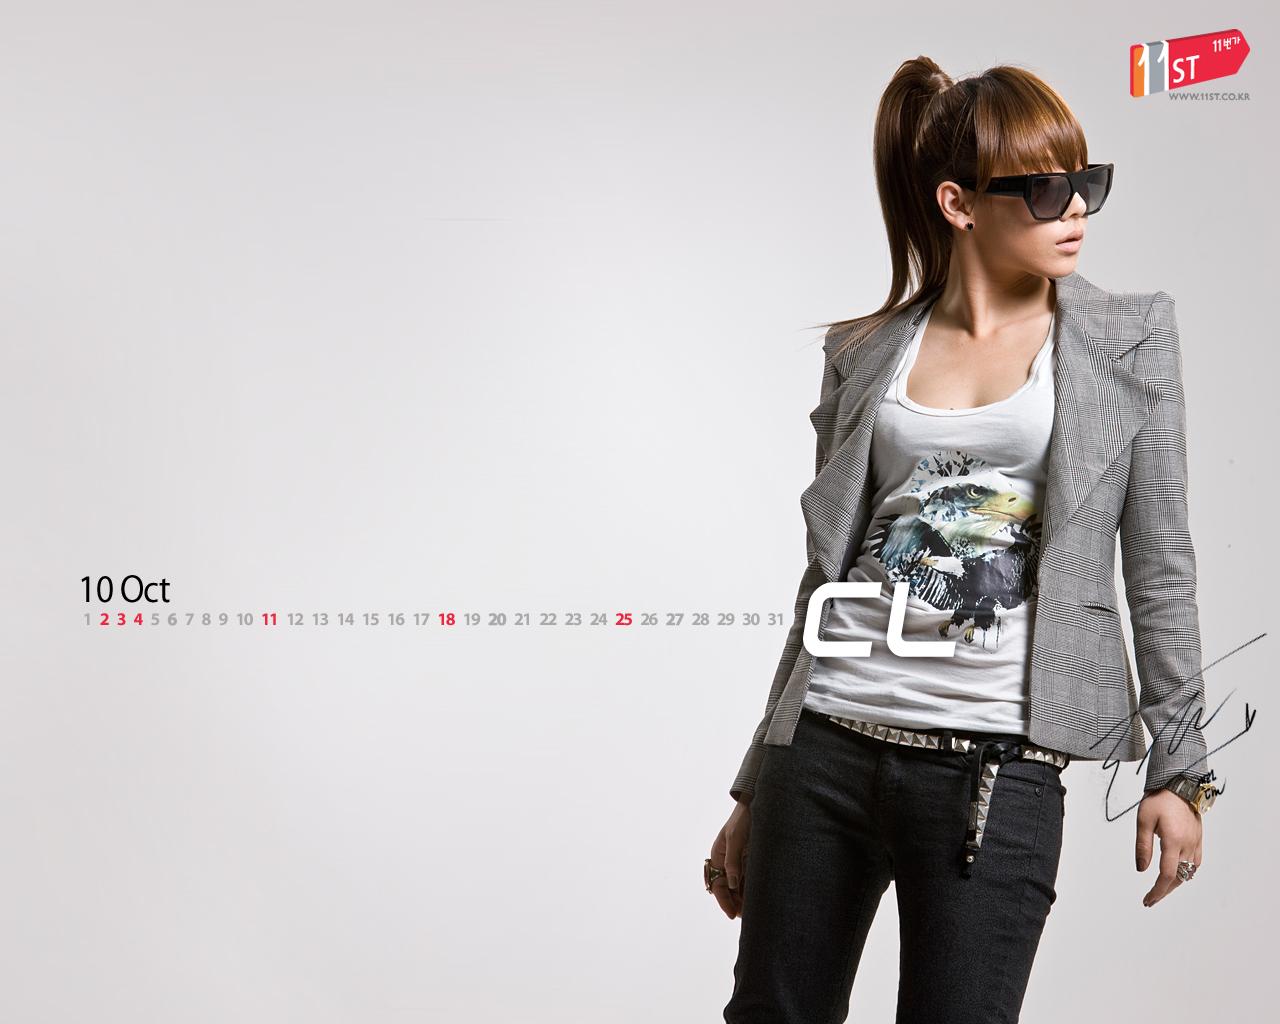 http://1.bp.blogspot.com/-11VhN8SBsTY/ThN_rFQgH-I/AAAAAAAAAX4/myPsEe7d29U/s1600/11st_wallpaper_ver2_1280_1024_cl.jpg